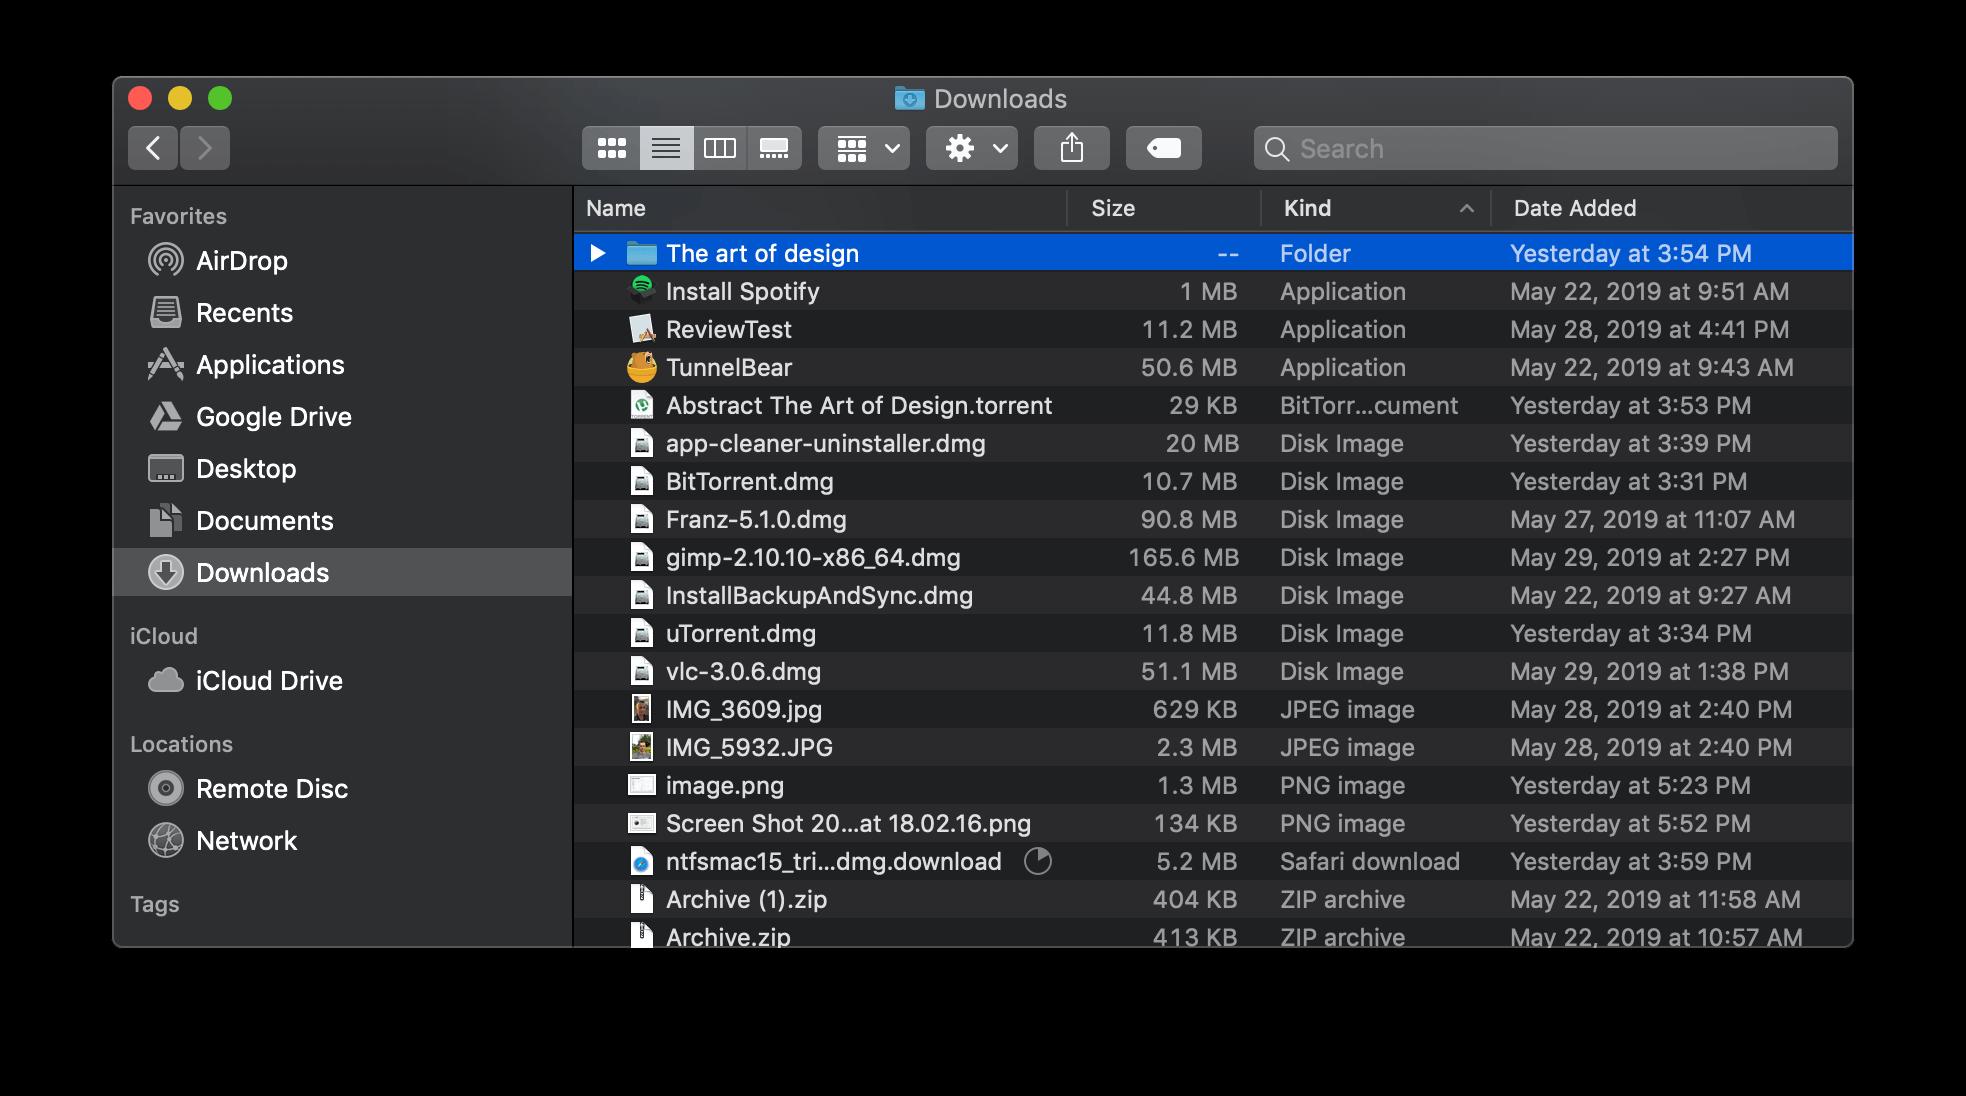 clear downloads folder